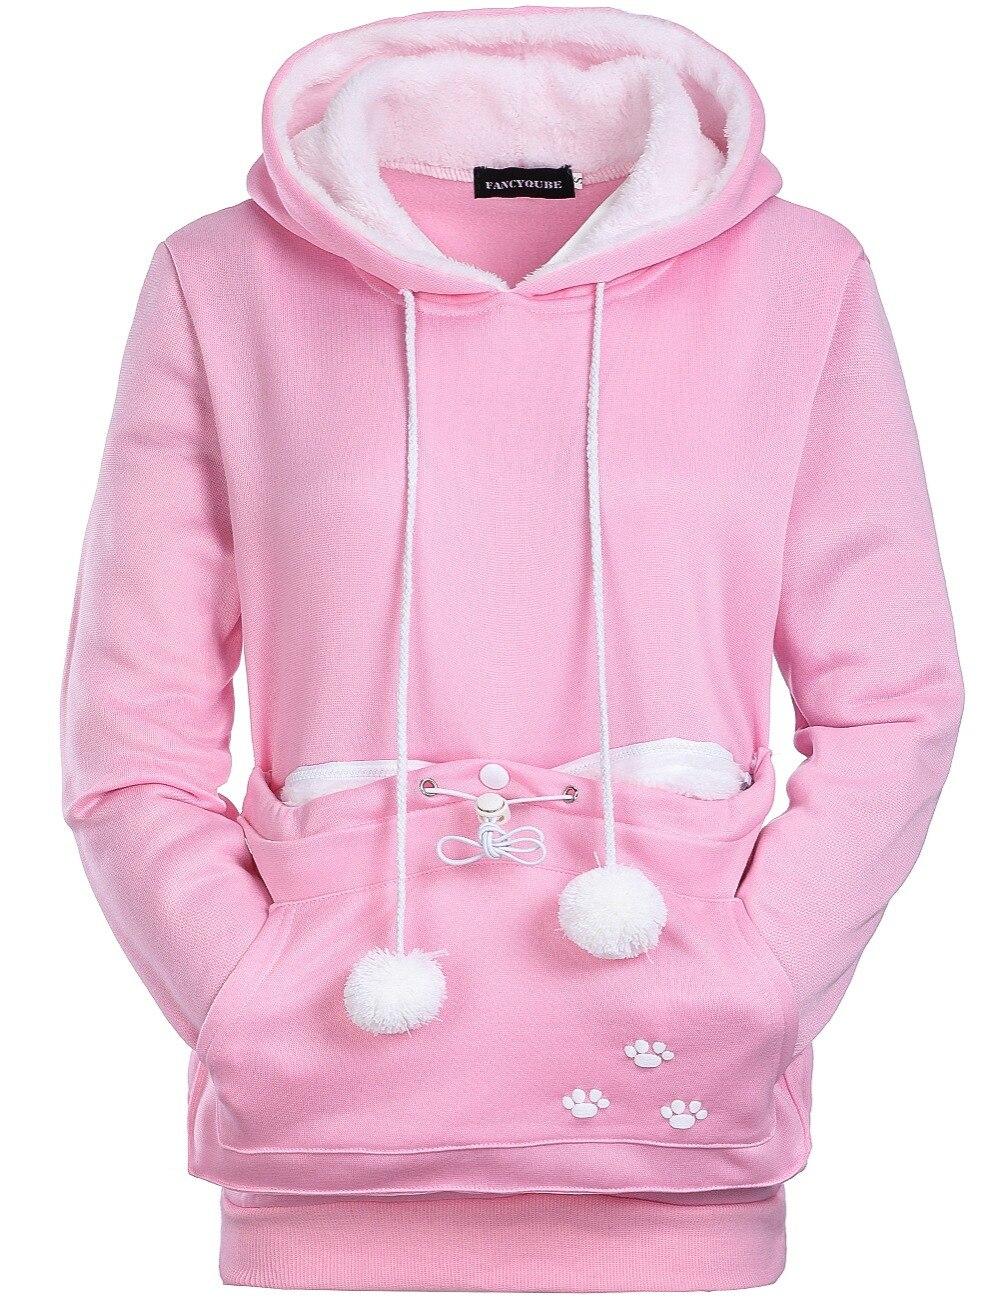 17 New Cartoon Hooded Hoodies Lover Cats Kangaroo Dog Hoodie Long Sleeve Sweatshirt Front Pocket Casual Animal Ear Hoodie 17